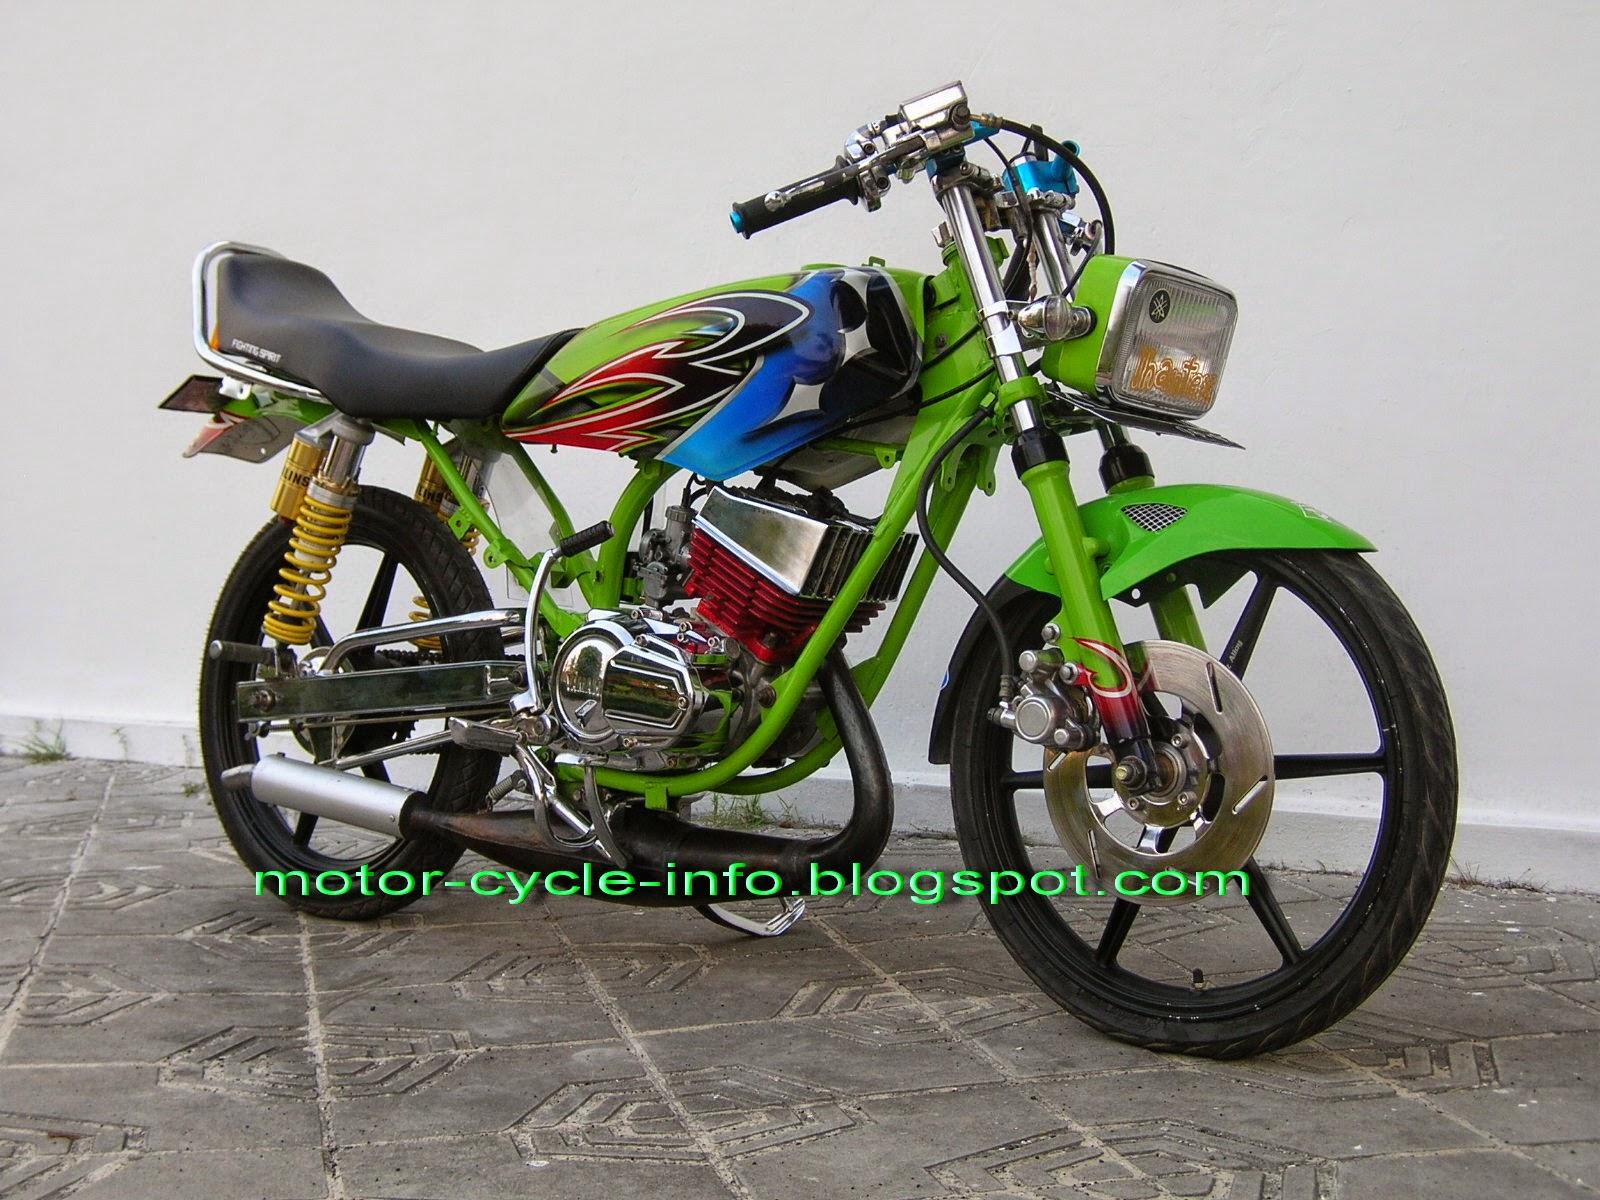 Cara Modif Motor Yamaha Crypton